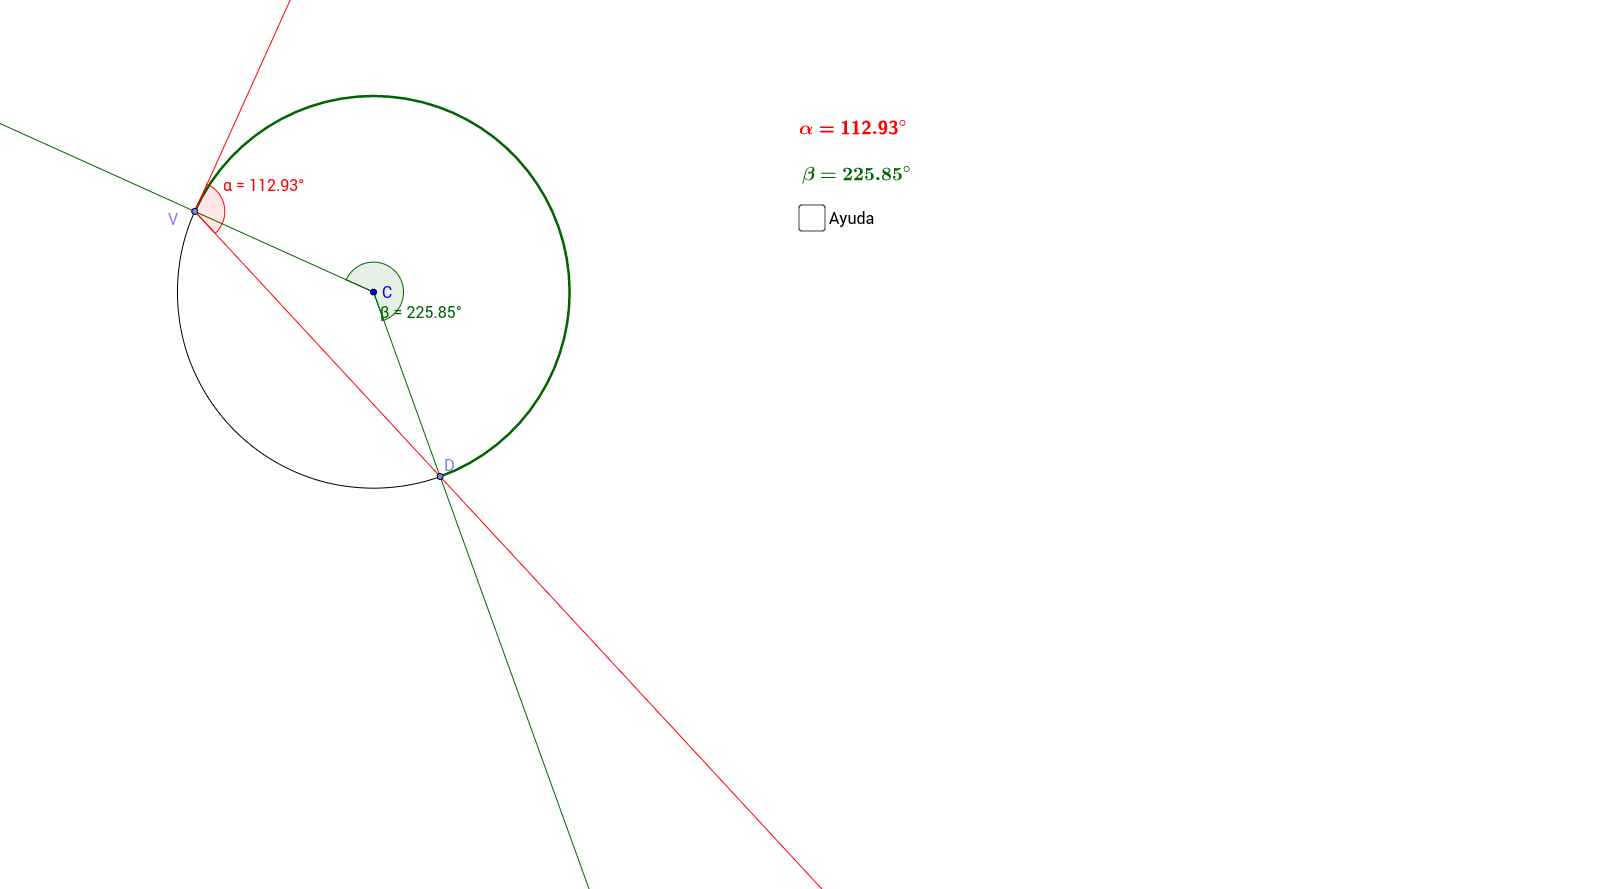 DIMAVA_Ángulo semiinscrito en circunferencia y relación angular